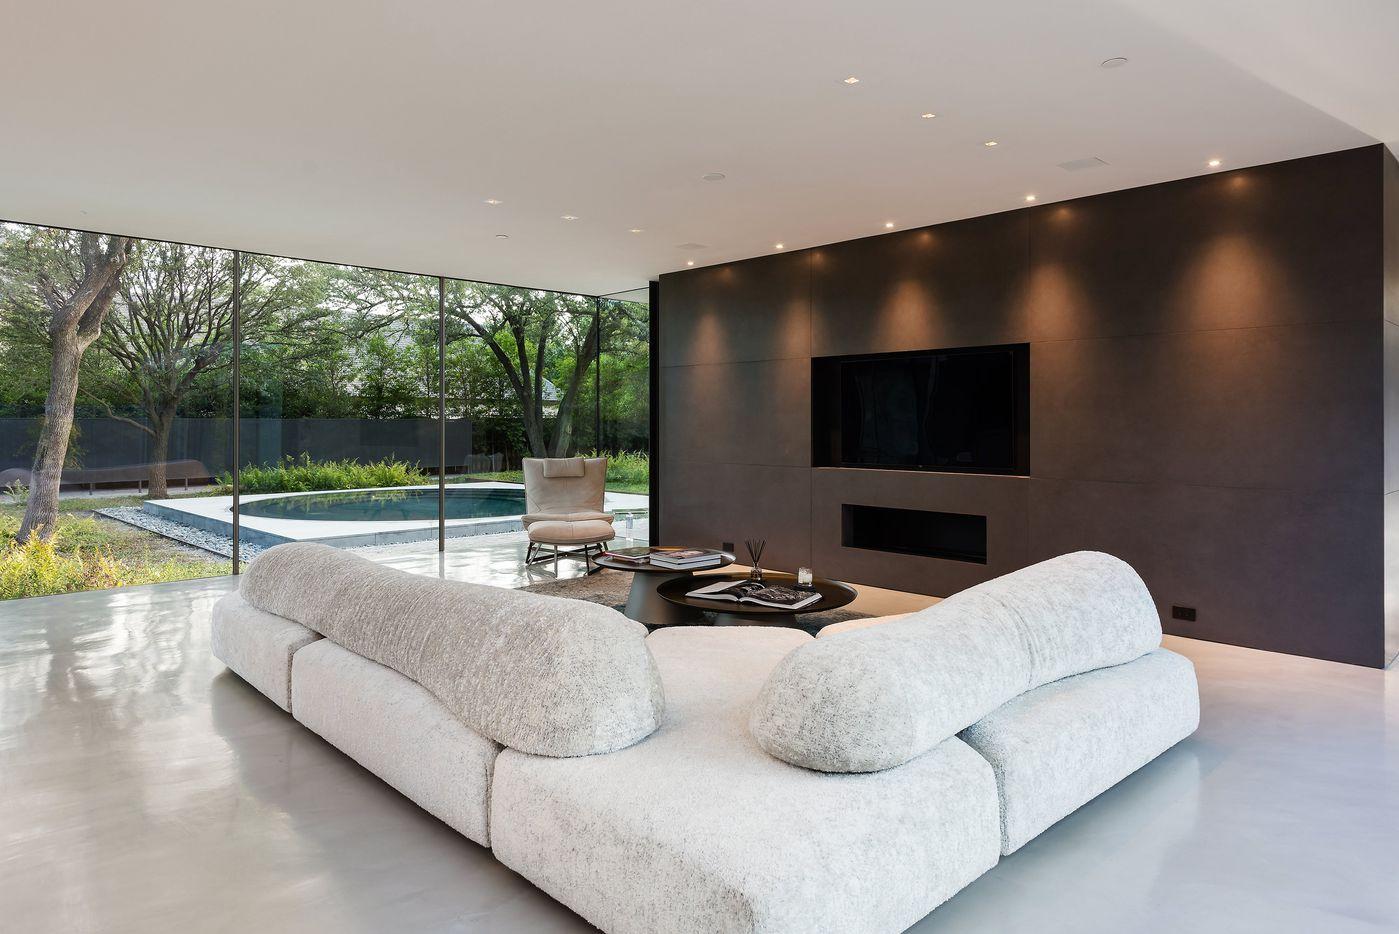 Take a look at the home at 11345 W. Ricks Circle in Dallas.